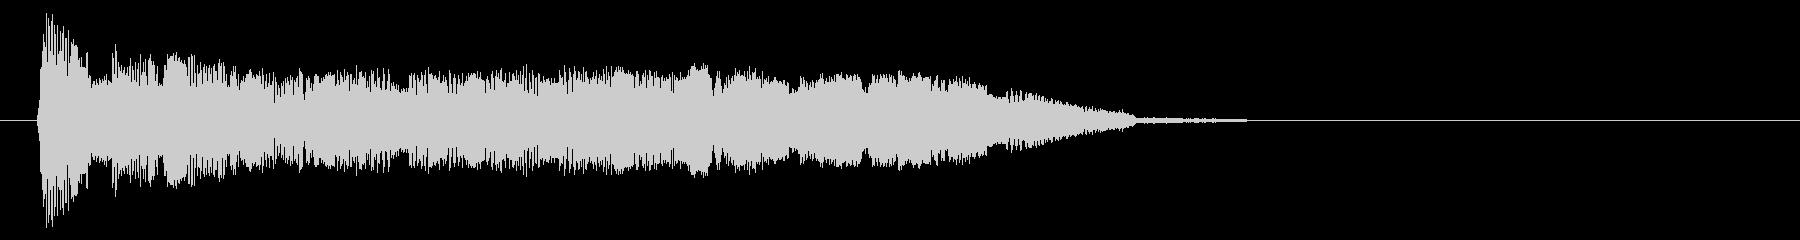 場面転換/チャージ/ポップな上昇系の音の未再生の波形